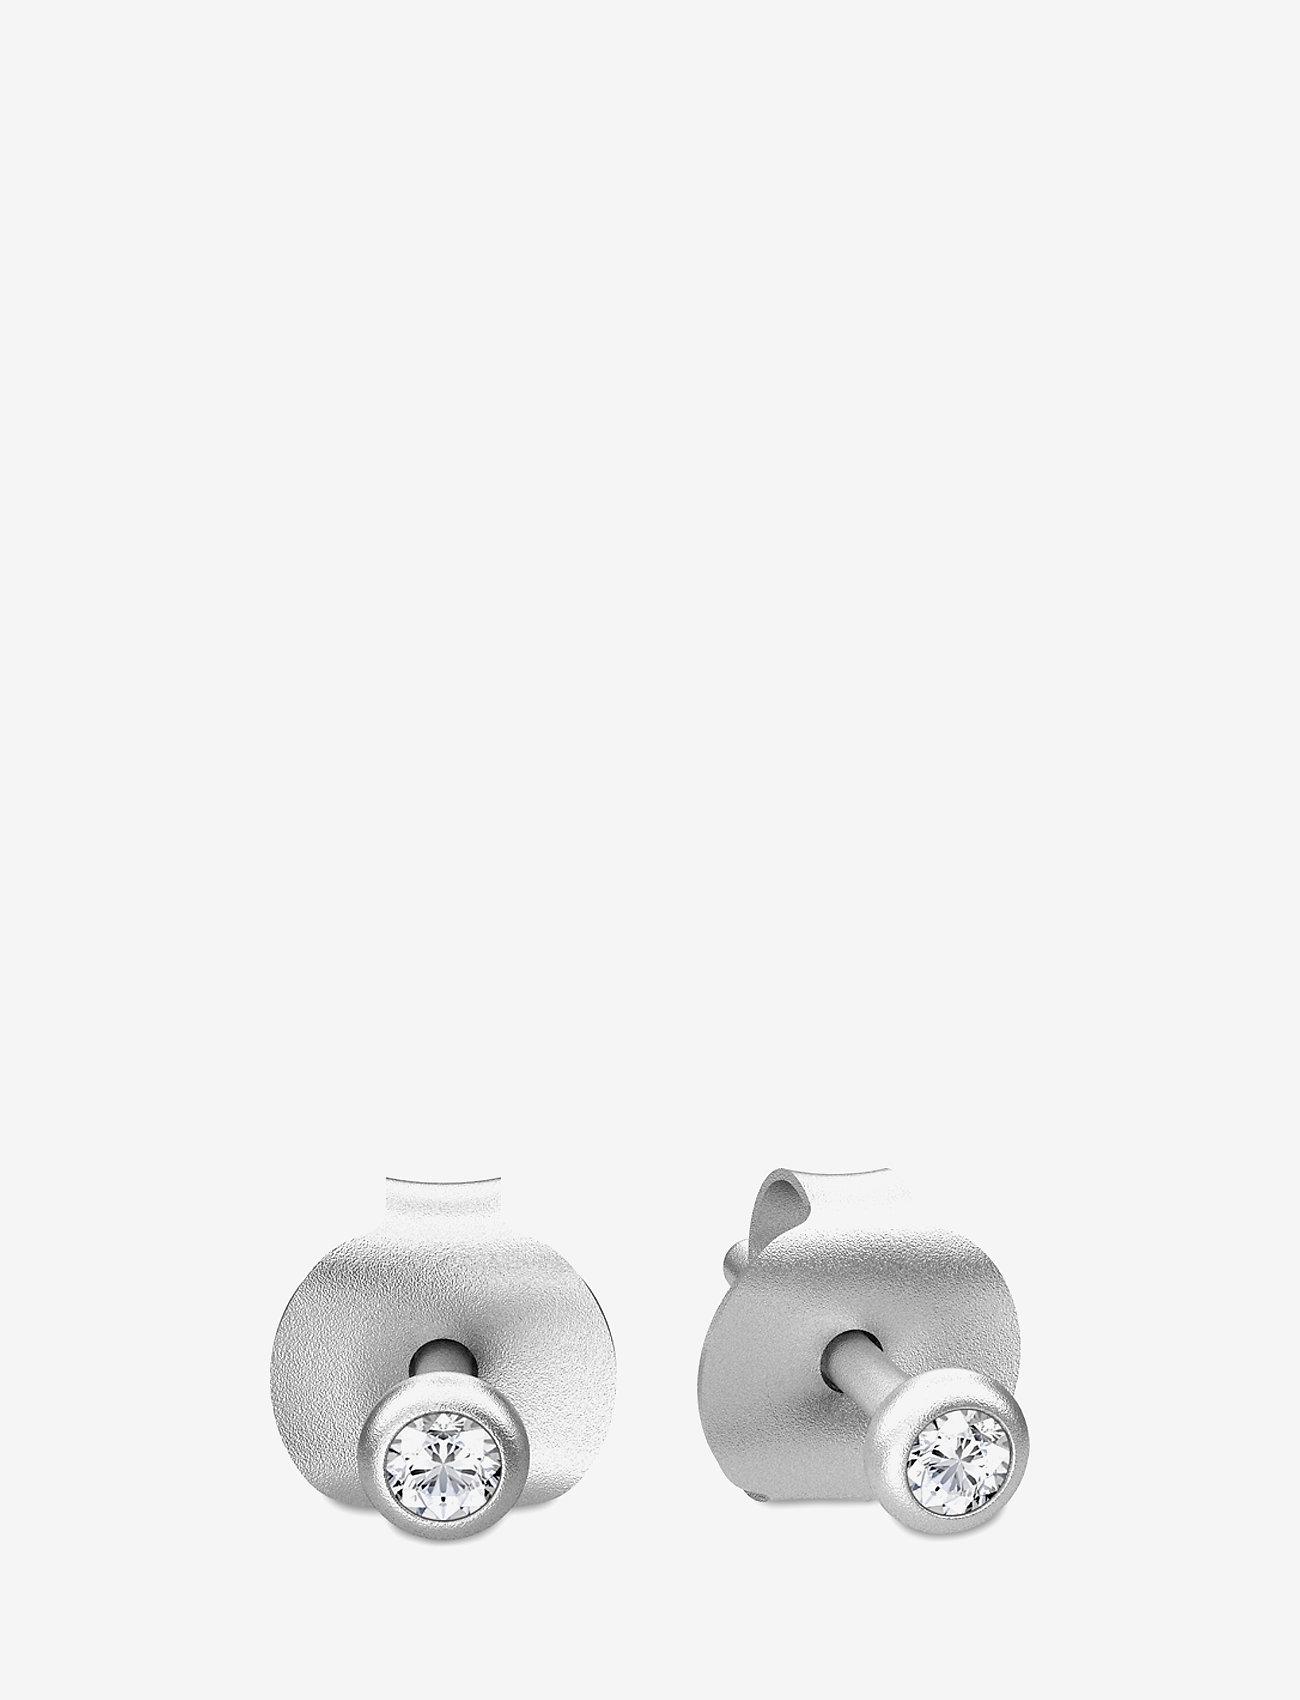 Julie Sandlau - Finesse earring - Rhodium - nagliņauskari - silver - 1